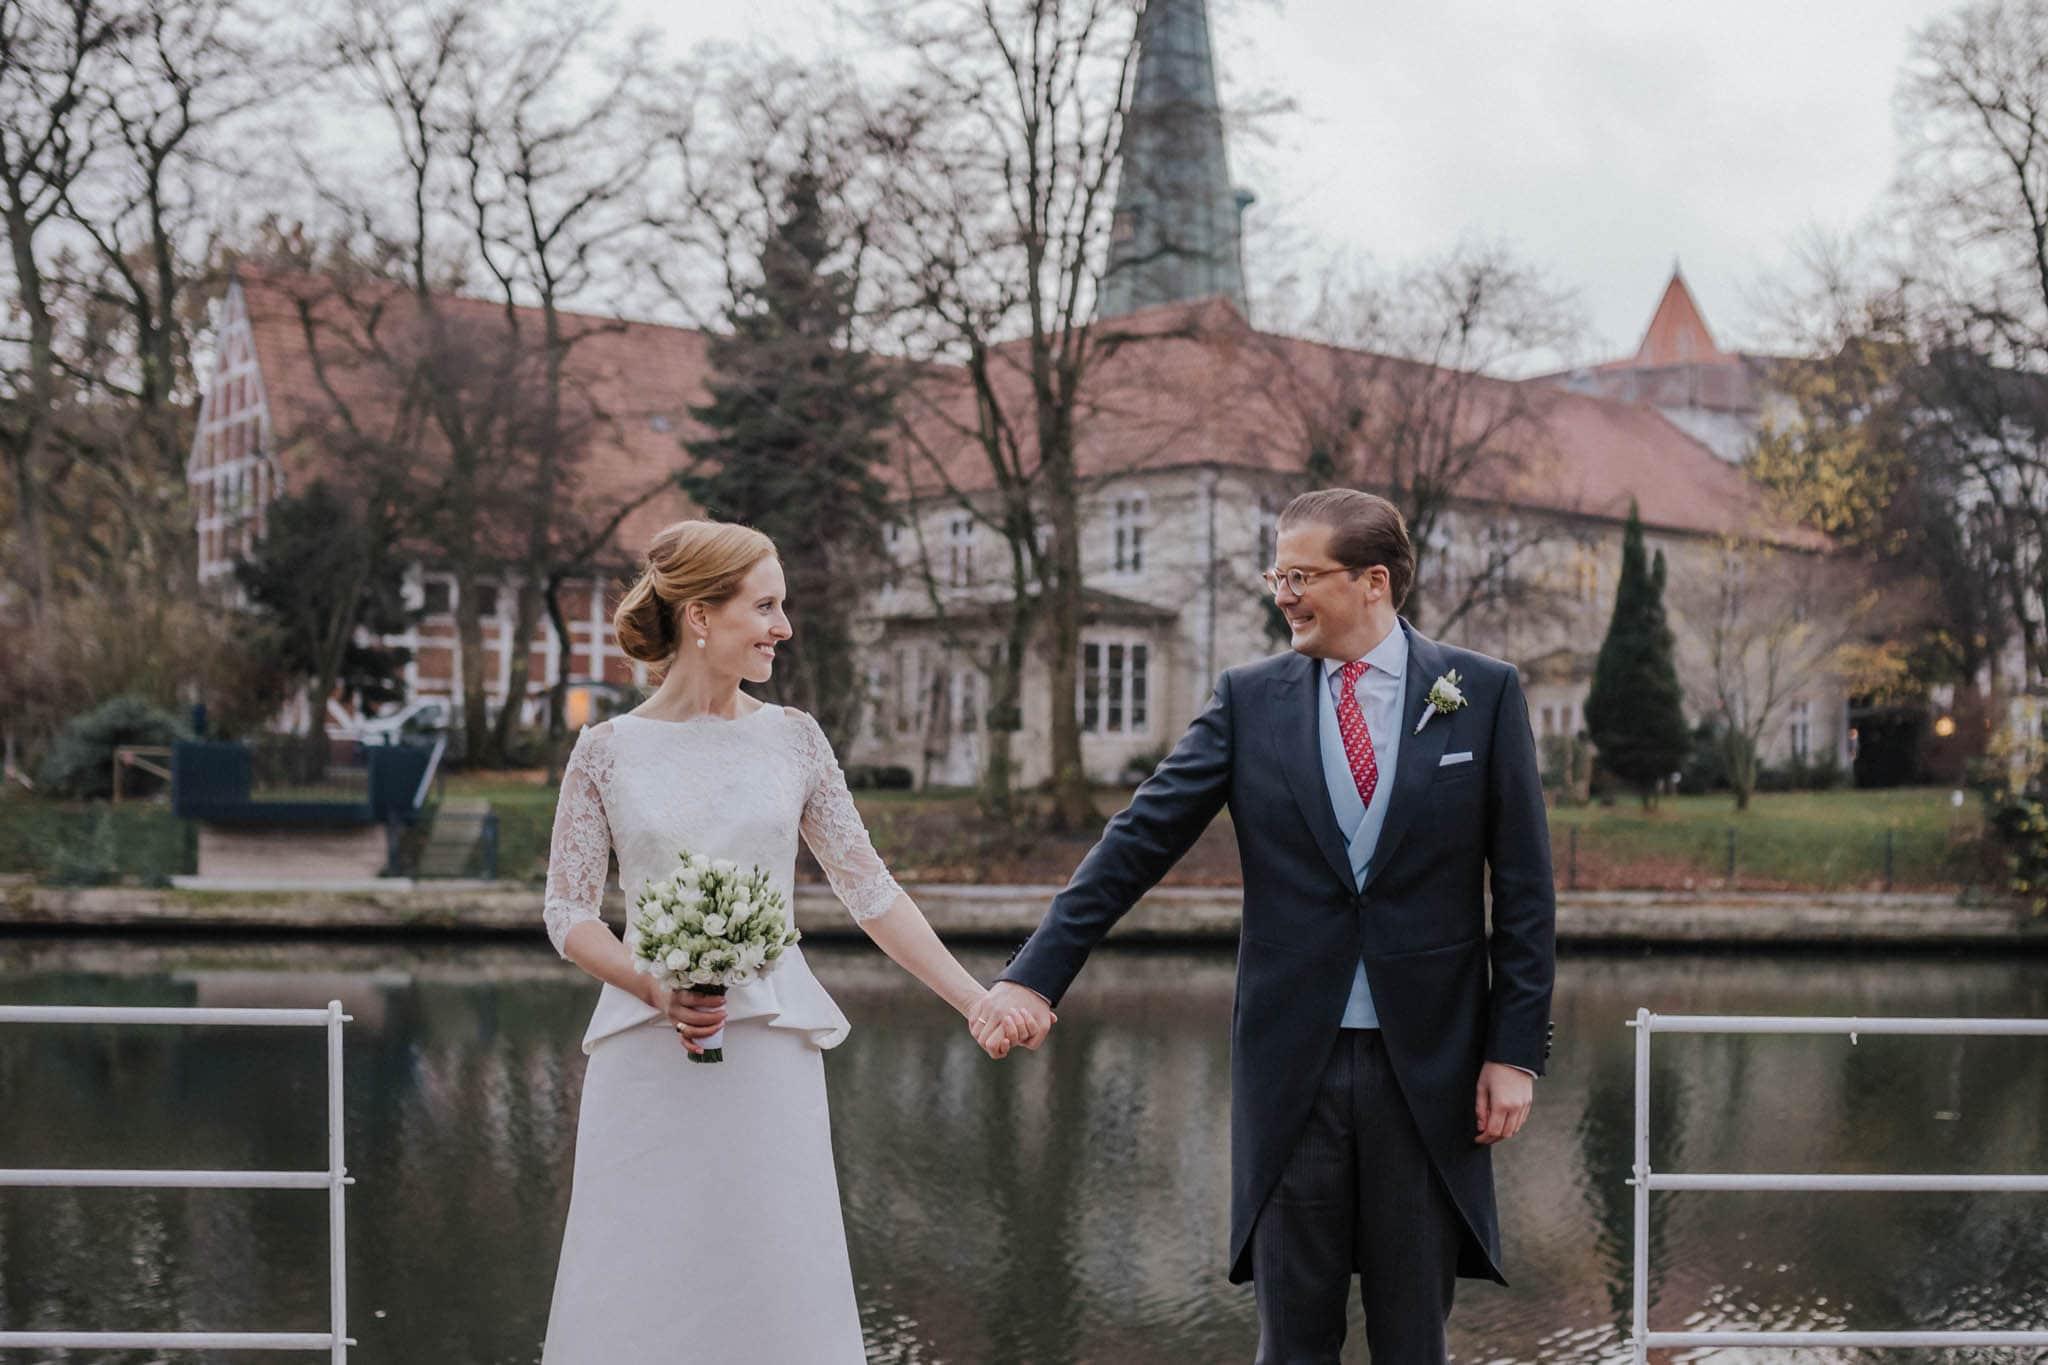 Hochzeitsfieber by Photo-Schomburg, Hochzeitsfotograf, Hamburg,Hochzeitstag, Hochzeitspaar, Braut, Bräutigam, Literaturhauscafe Hamburg-46